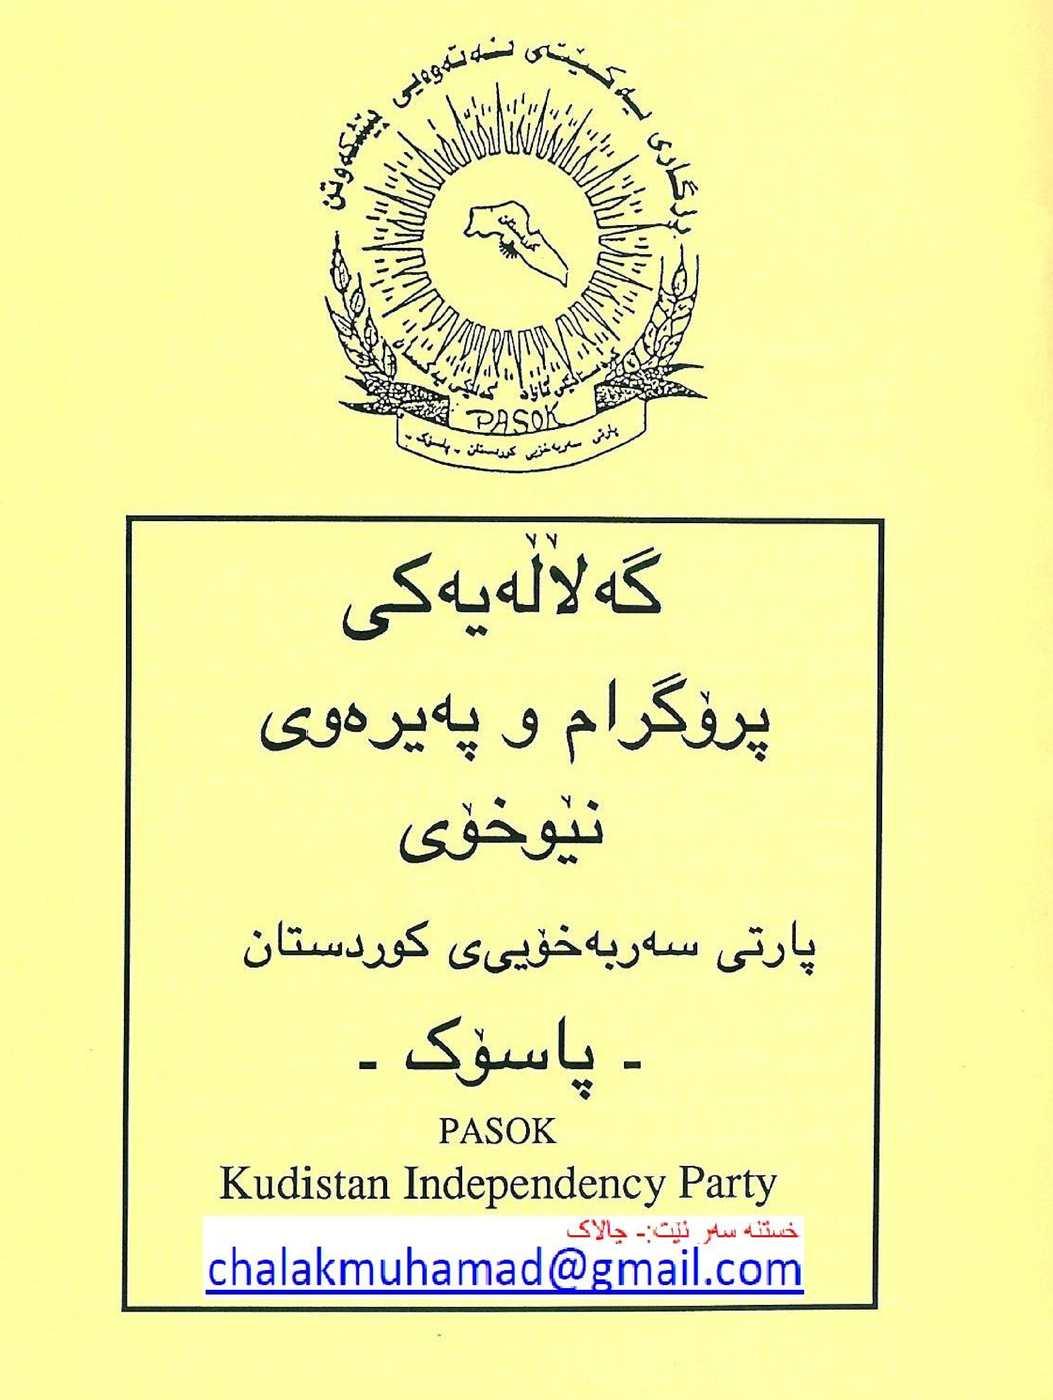 گەڵاڵەیەکی پرۆگرام و پەیرەوی نێوخۆی پارتی سەربەخۆییی کوردستان - پاسۆک